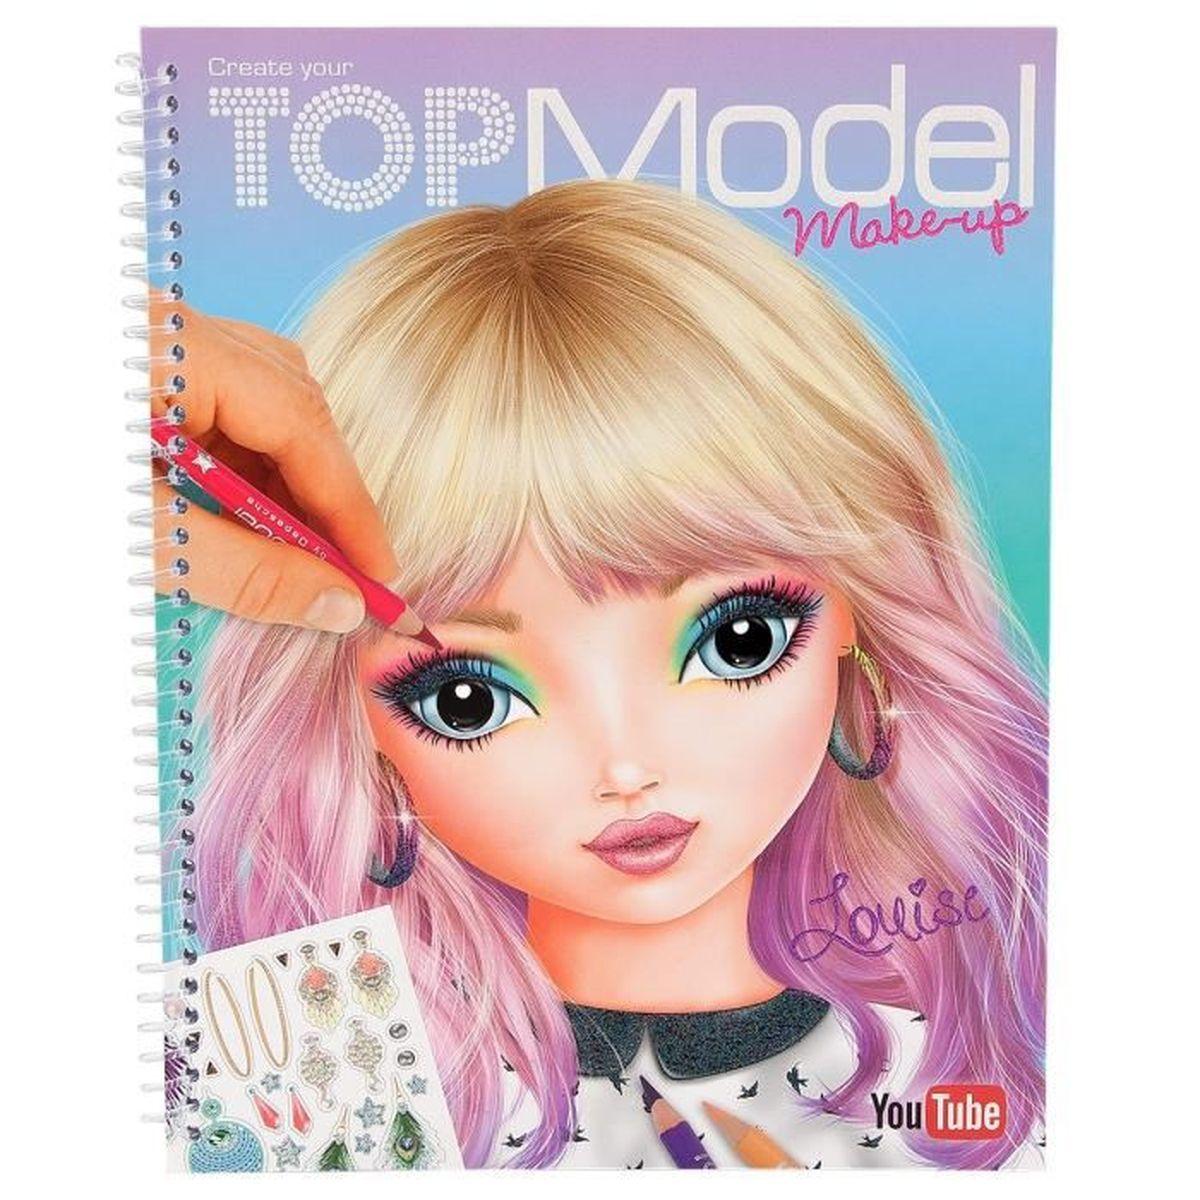 Album coloriage top model mod le visages make up louise - Album de coloriage top model ...